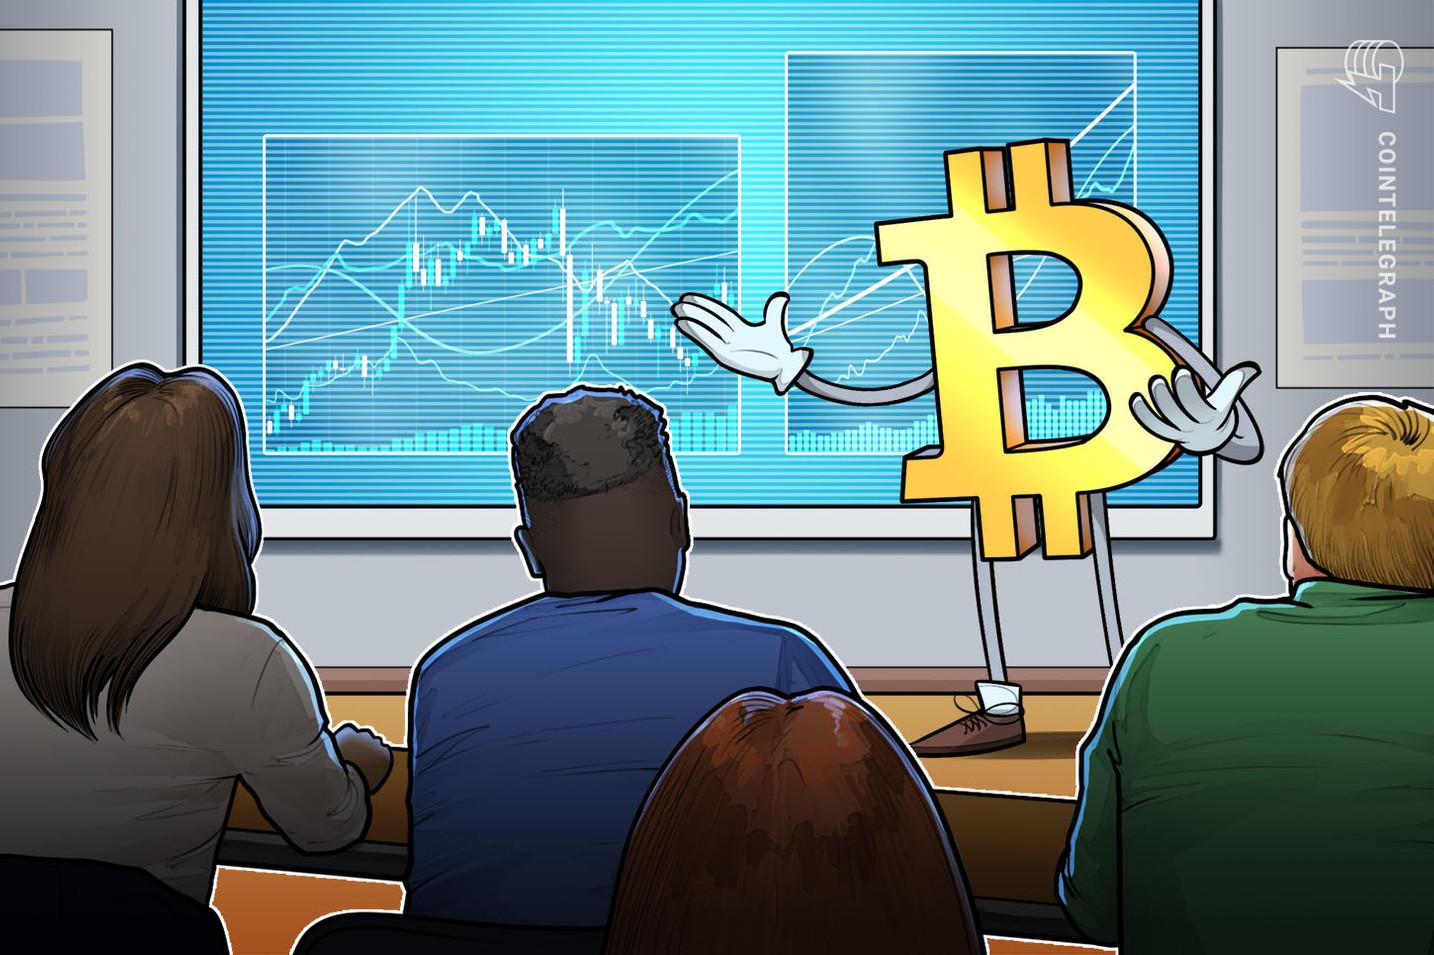 El precio de Bitcoin busca el soporte de los 36,000 y el gráfico apunta a un posible cruce dorado en las próximas semanas